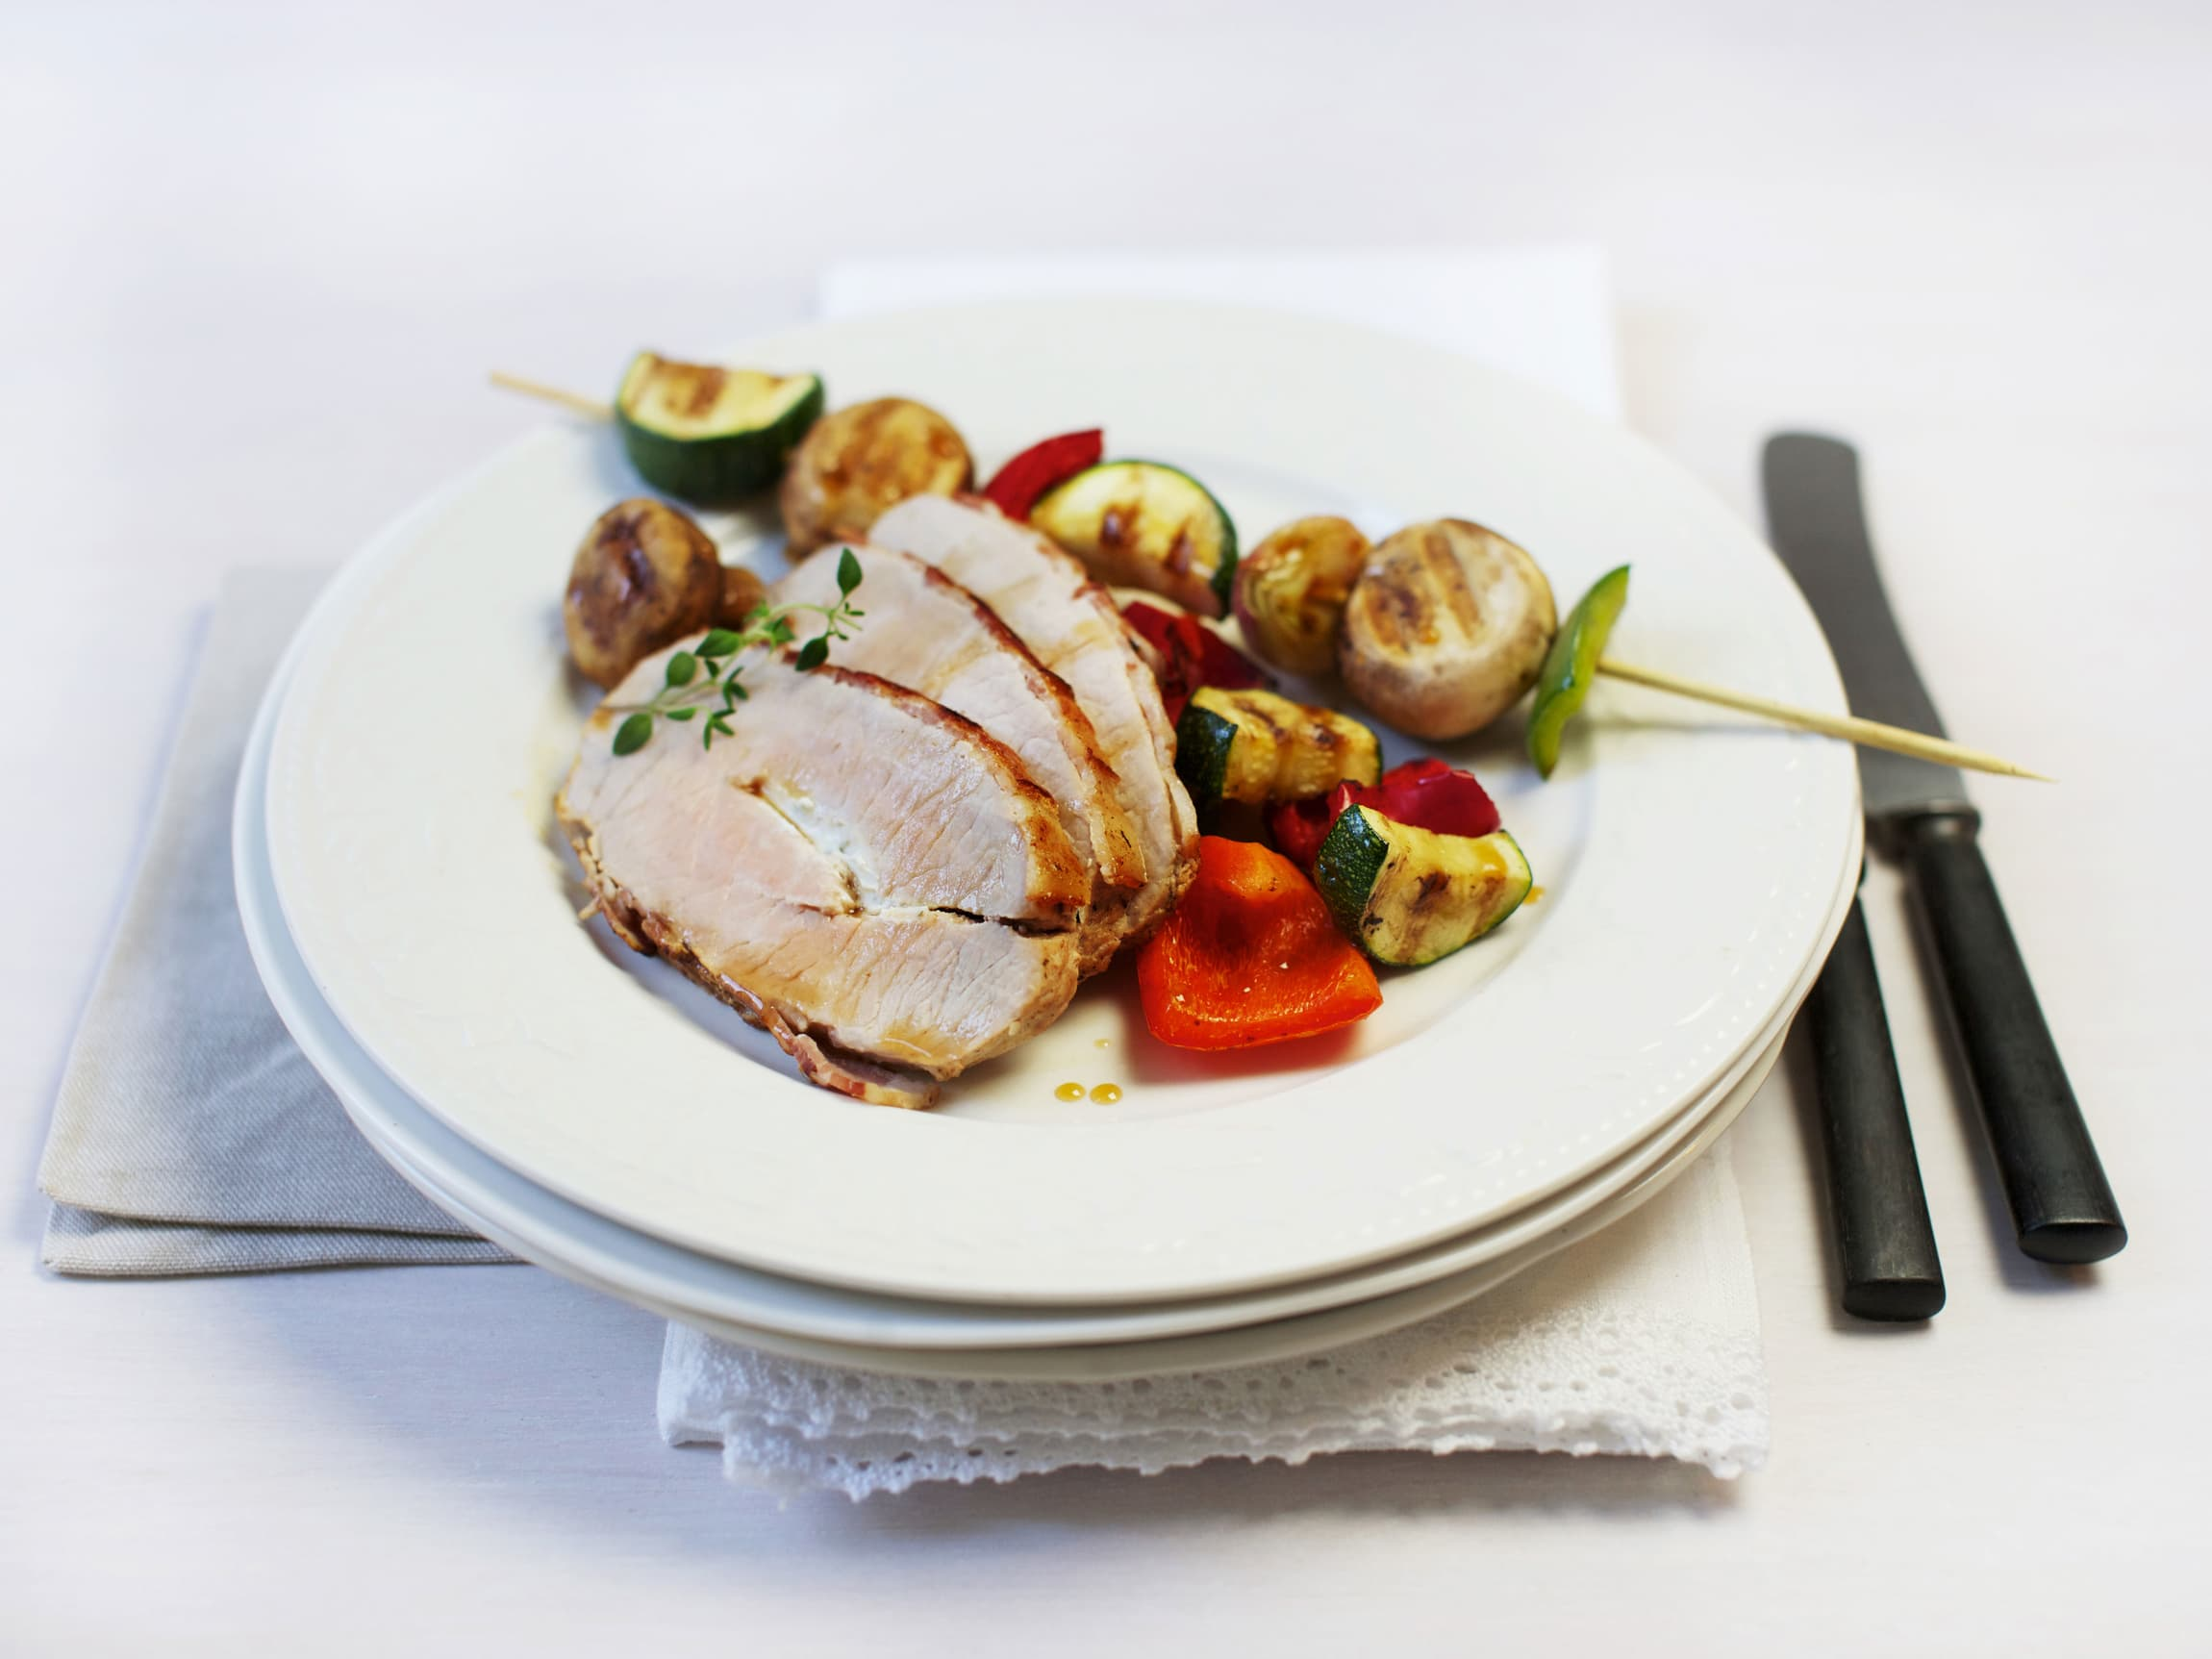 BACONSURRET SVINEFILET: Helstekt svinefilet med bacon og grønnsaksspyd er enkelt og godt.